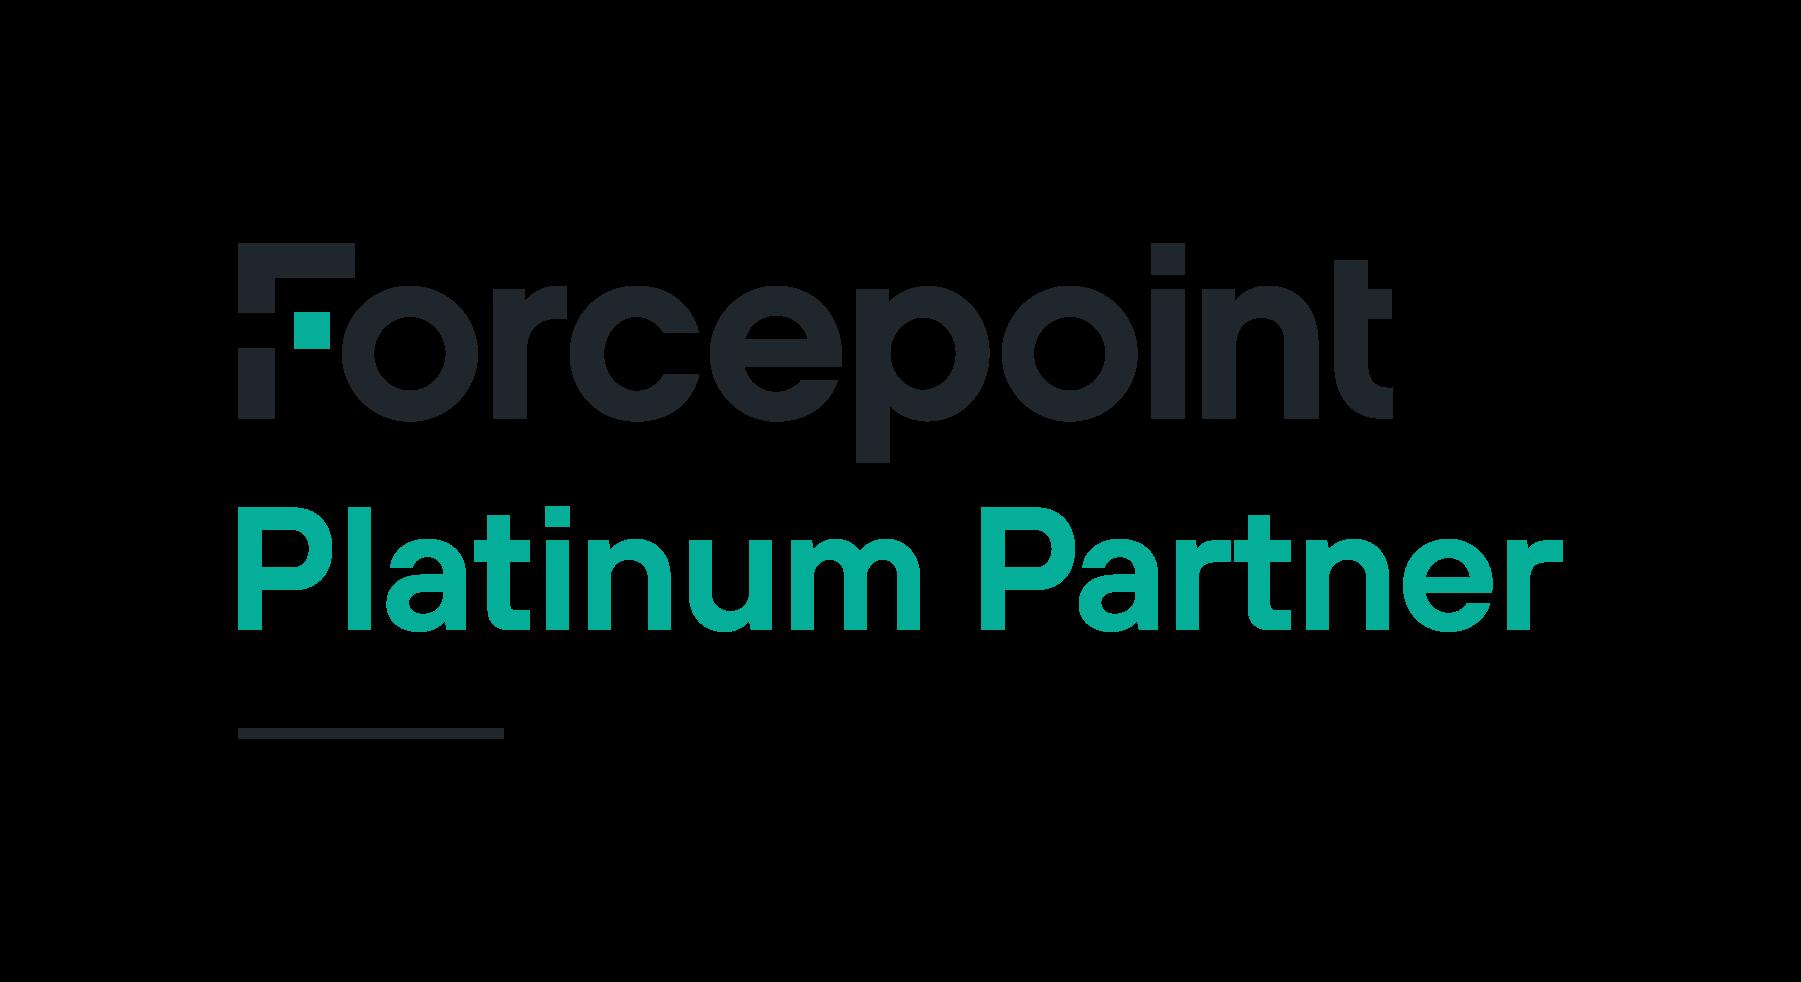 Forcepoint_partner_logo